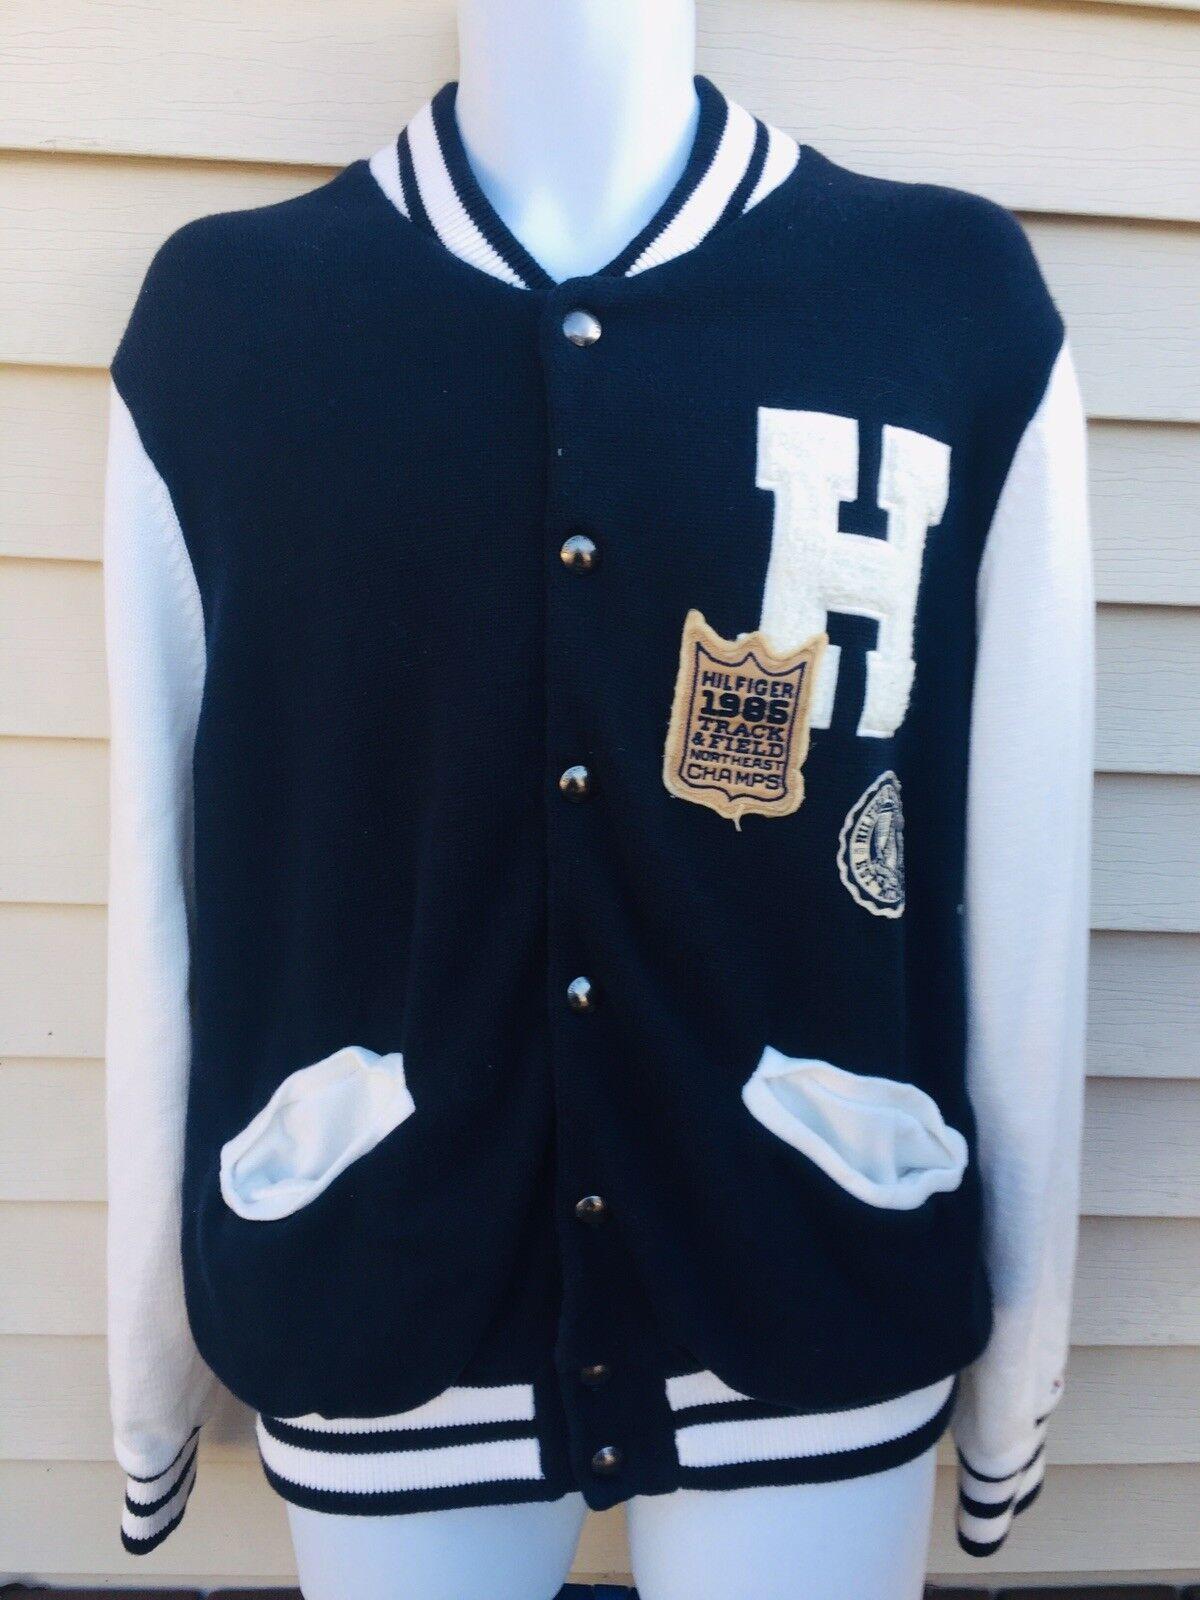 Tommy Hilfiger Navy Blau and Weiß Men Größe Large Snap Button Cardigan Sweater